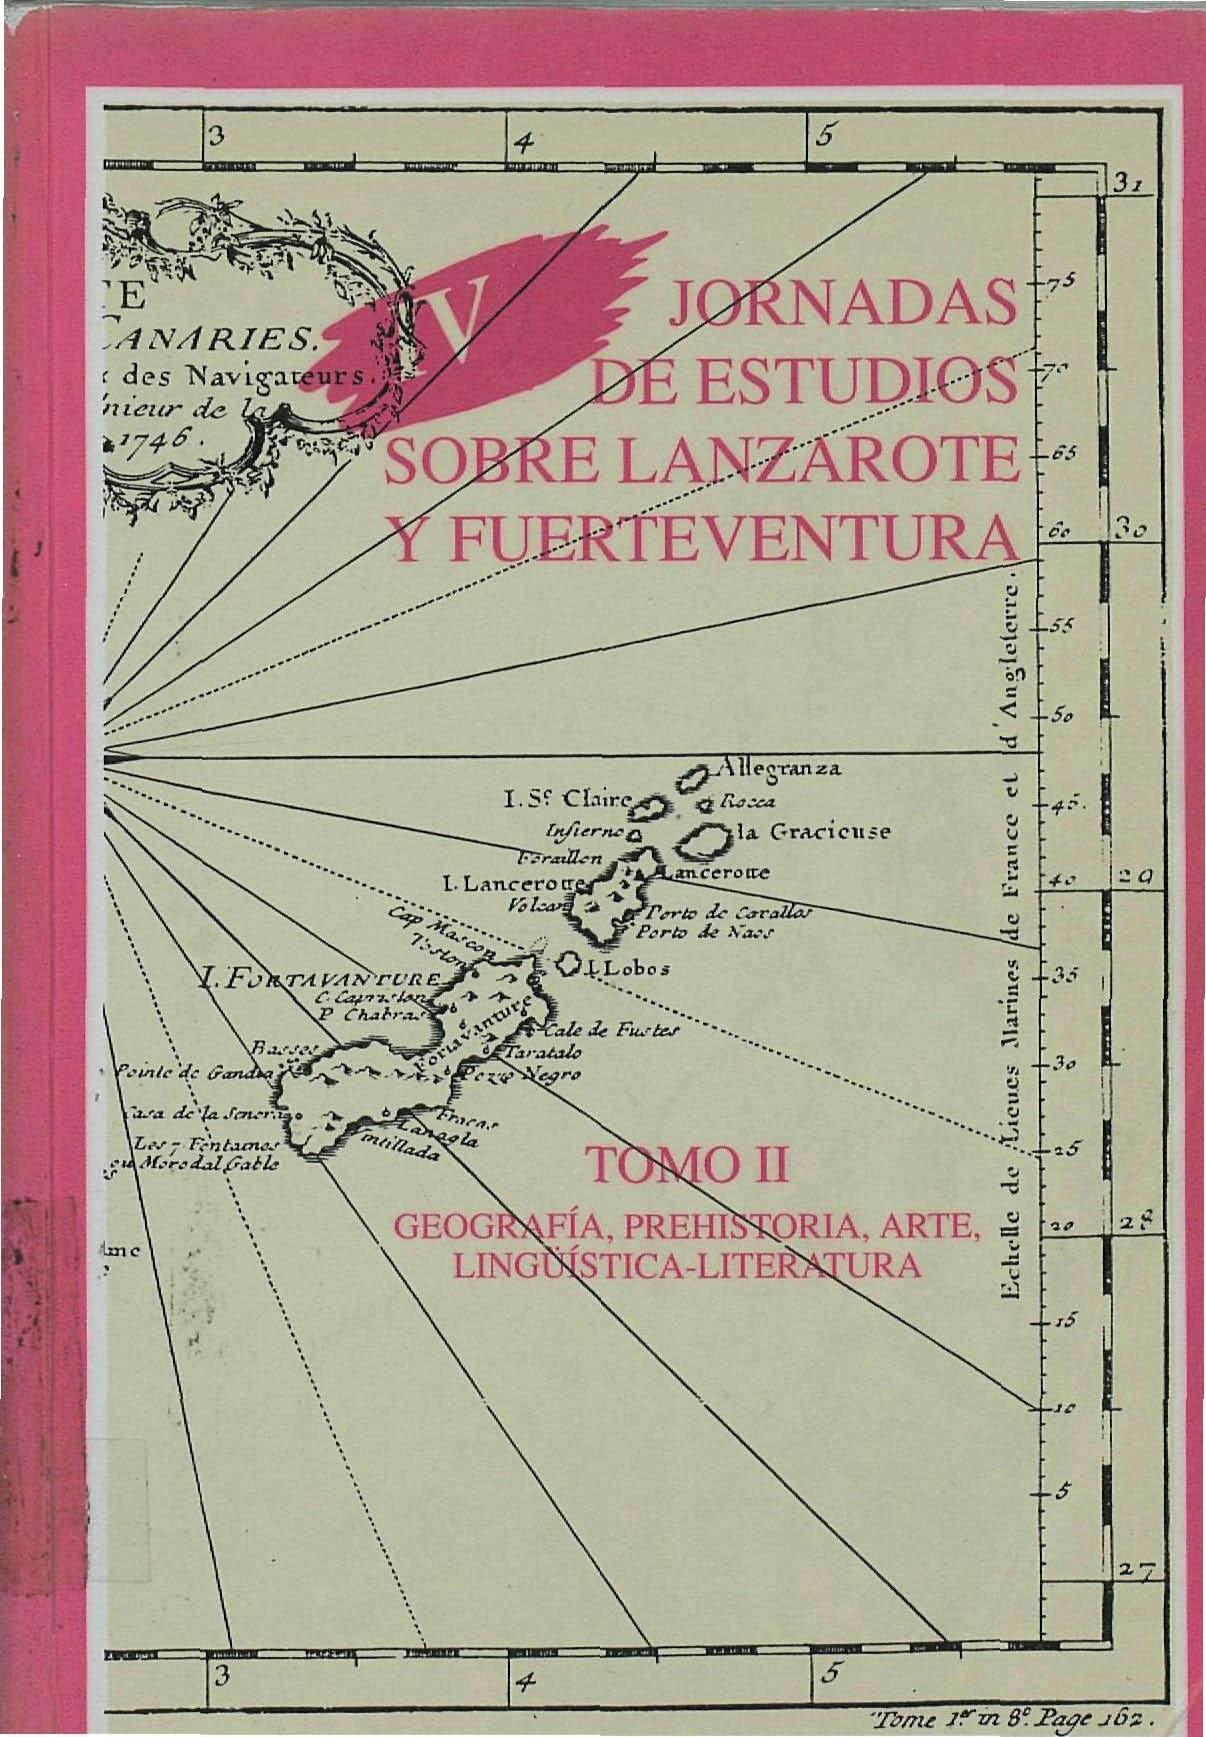 La integración de Canarias en la C.E.E. a través de la prensa: la particular problemática del sector agrícola